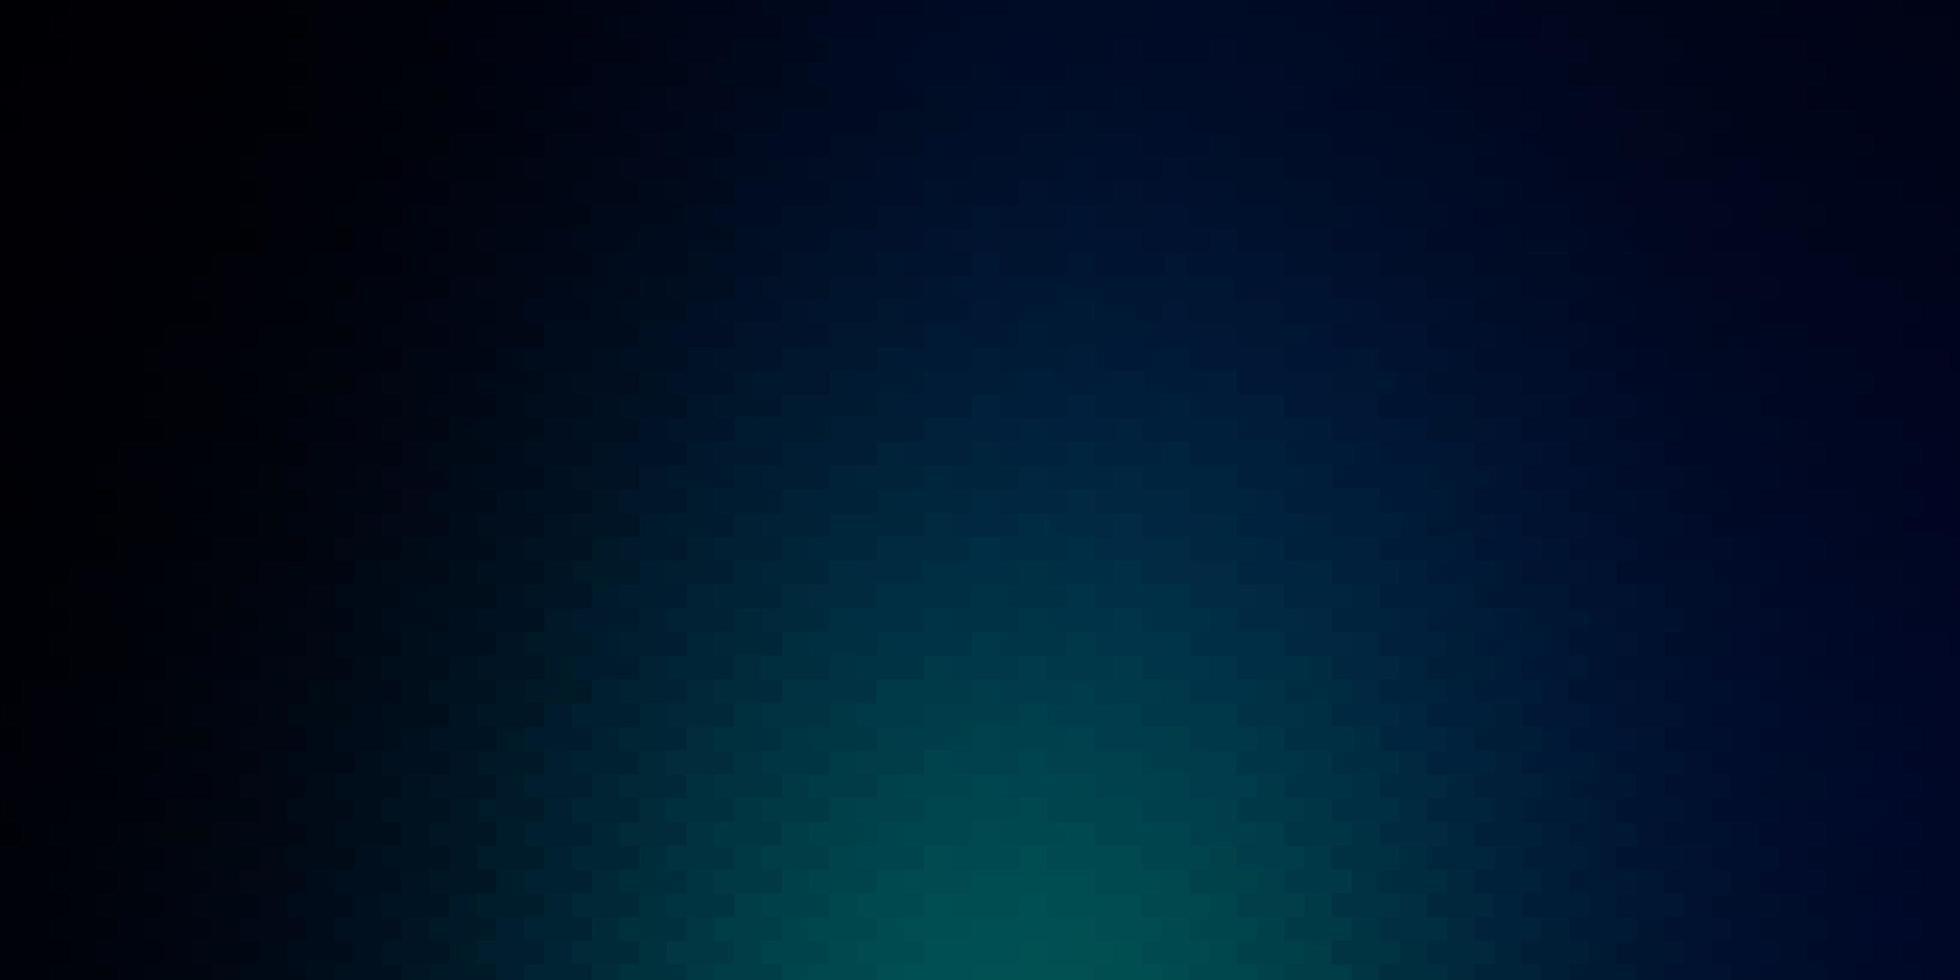 dunkelblauer Vektorhintergrund mit Rechtecken vektor